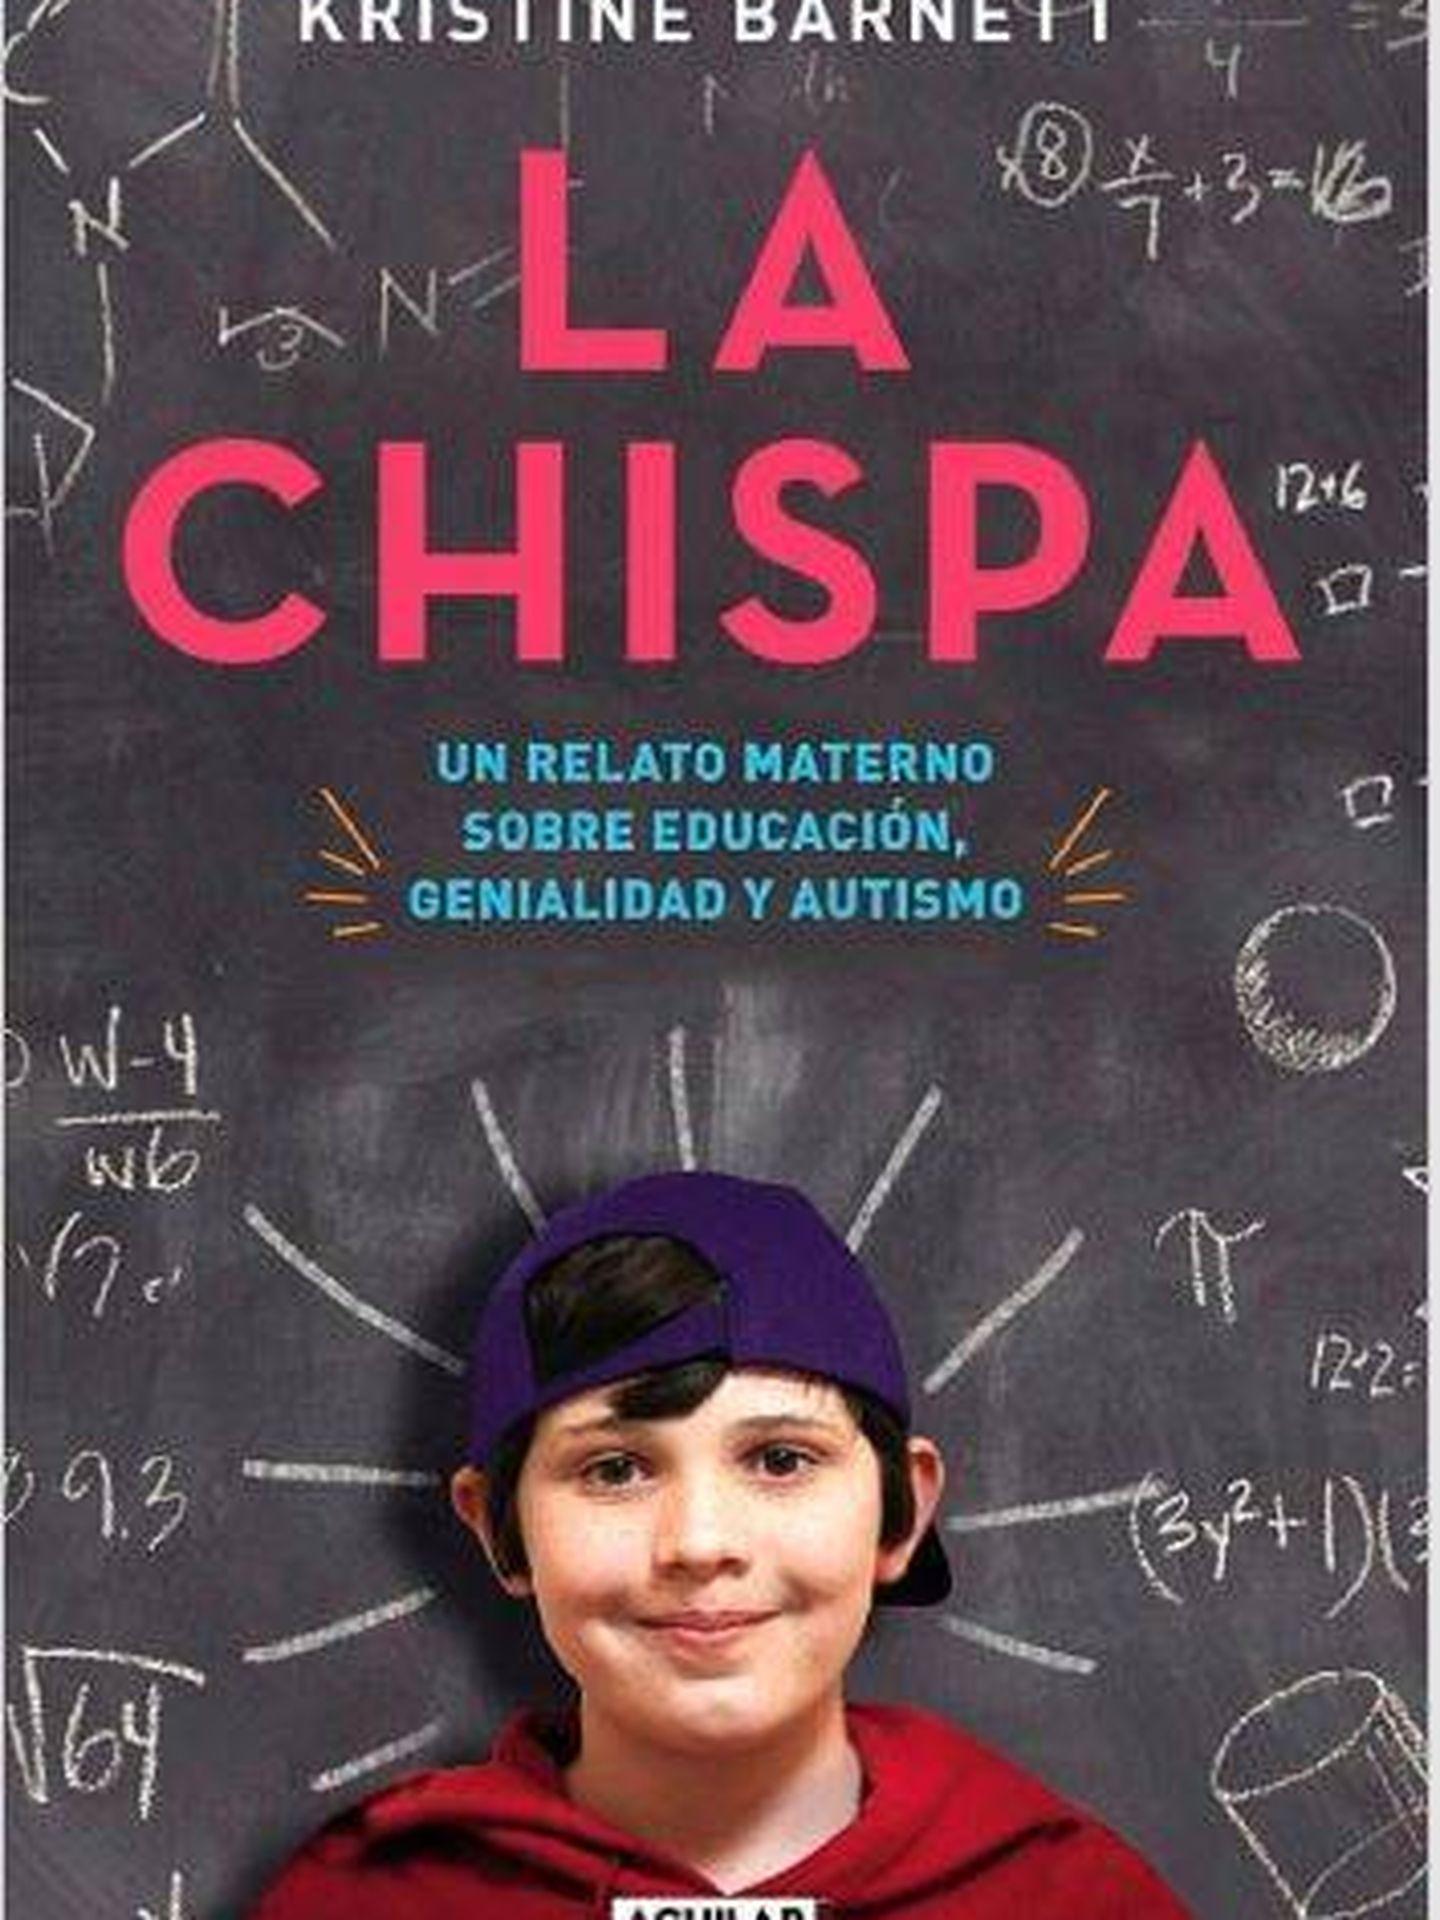 'La chispa', el libro que Kristine Barnett escribió sobre su pequeño genio.